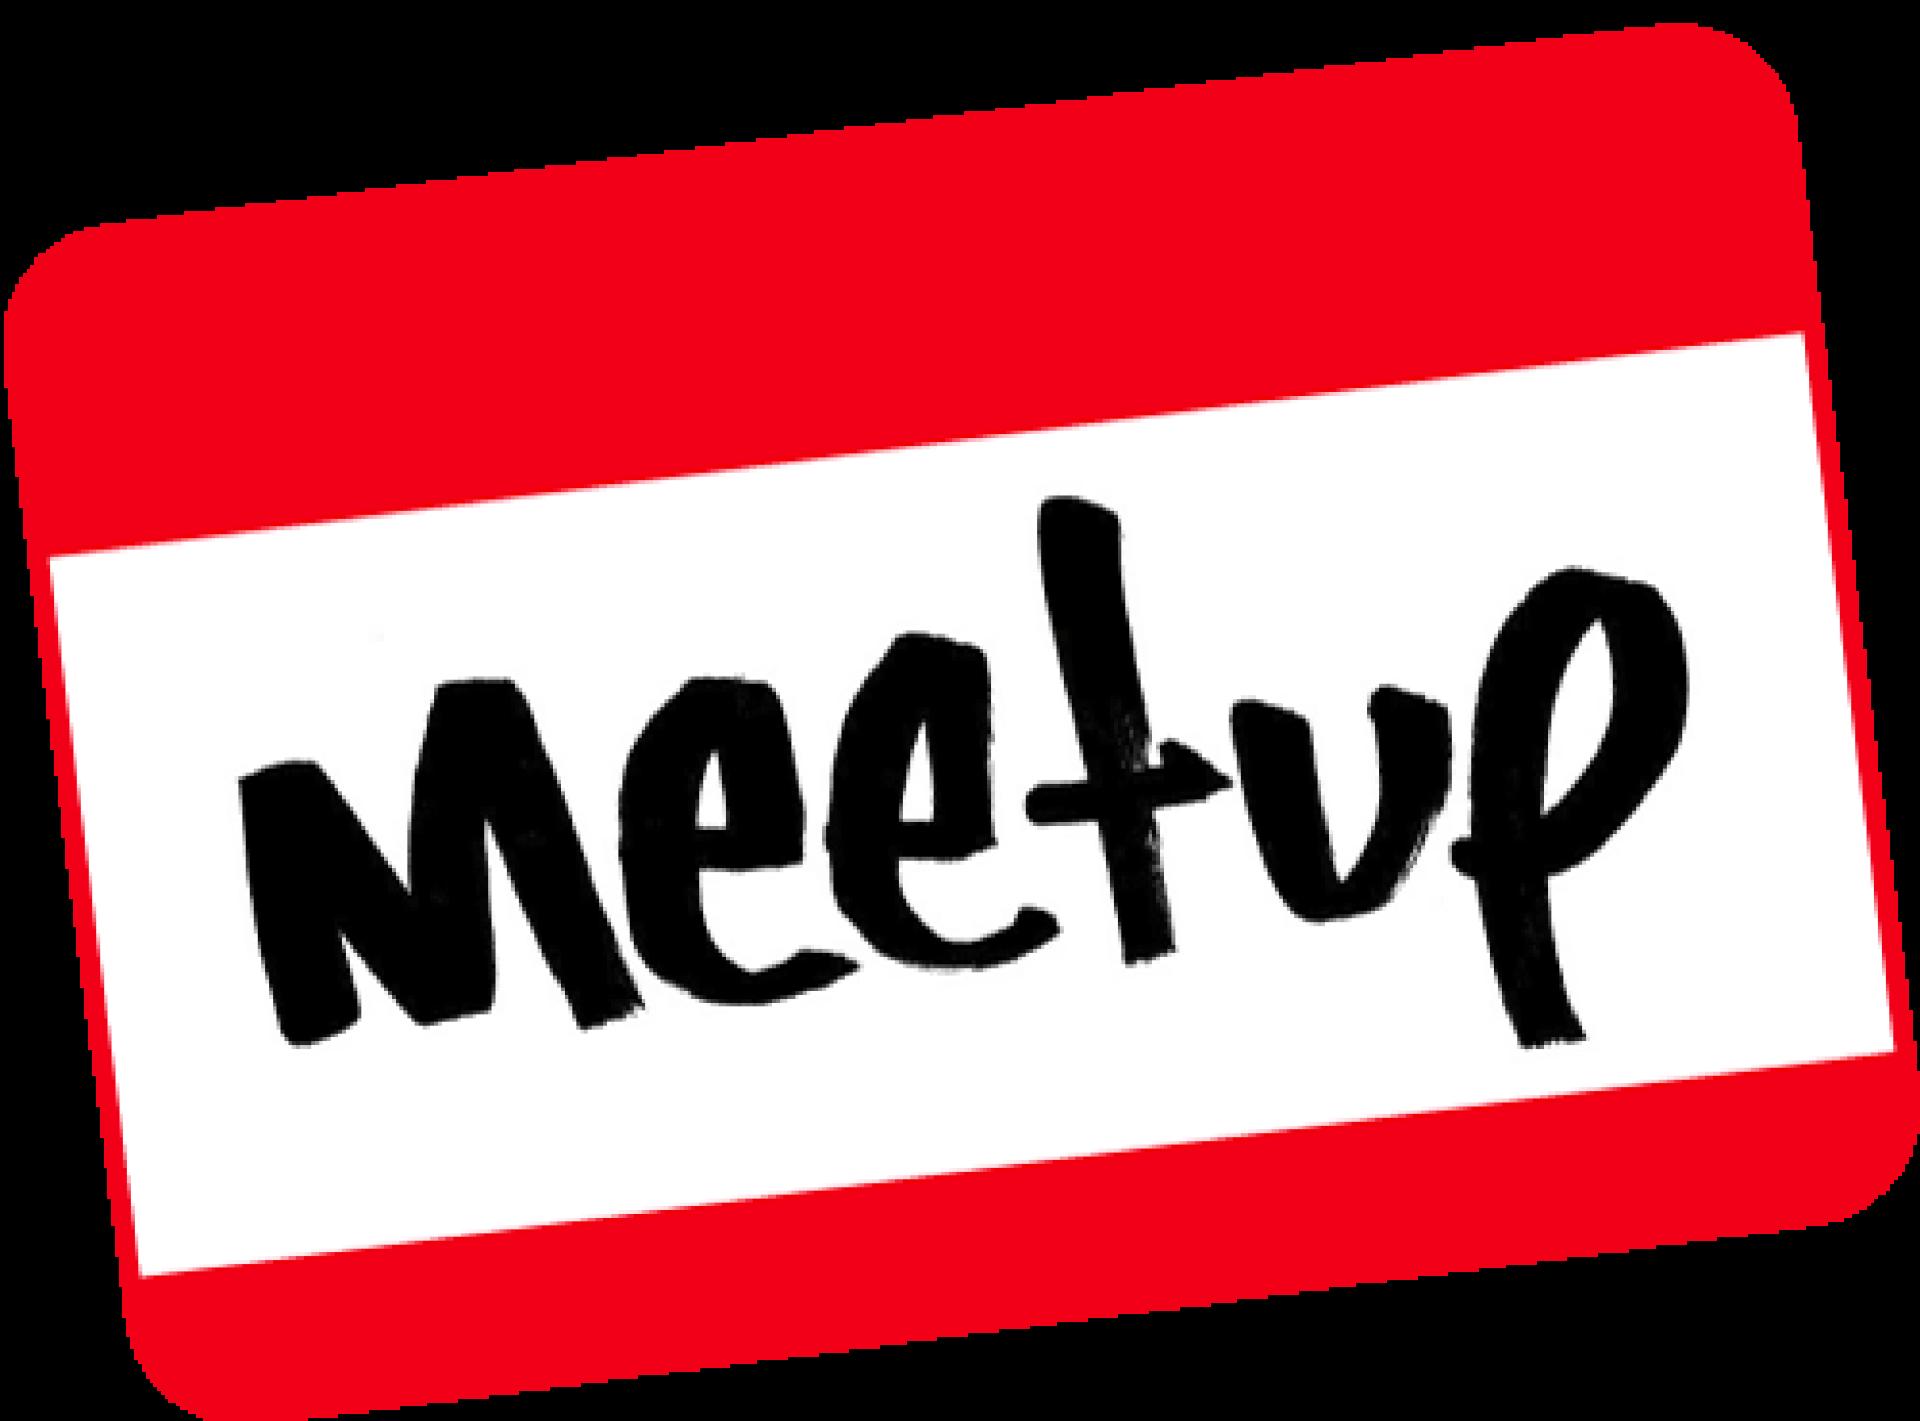 Meetup Korea: Meet Online to Go Offline.